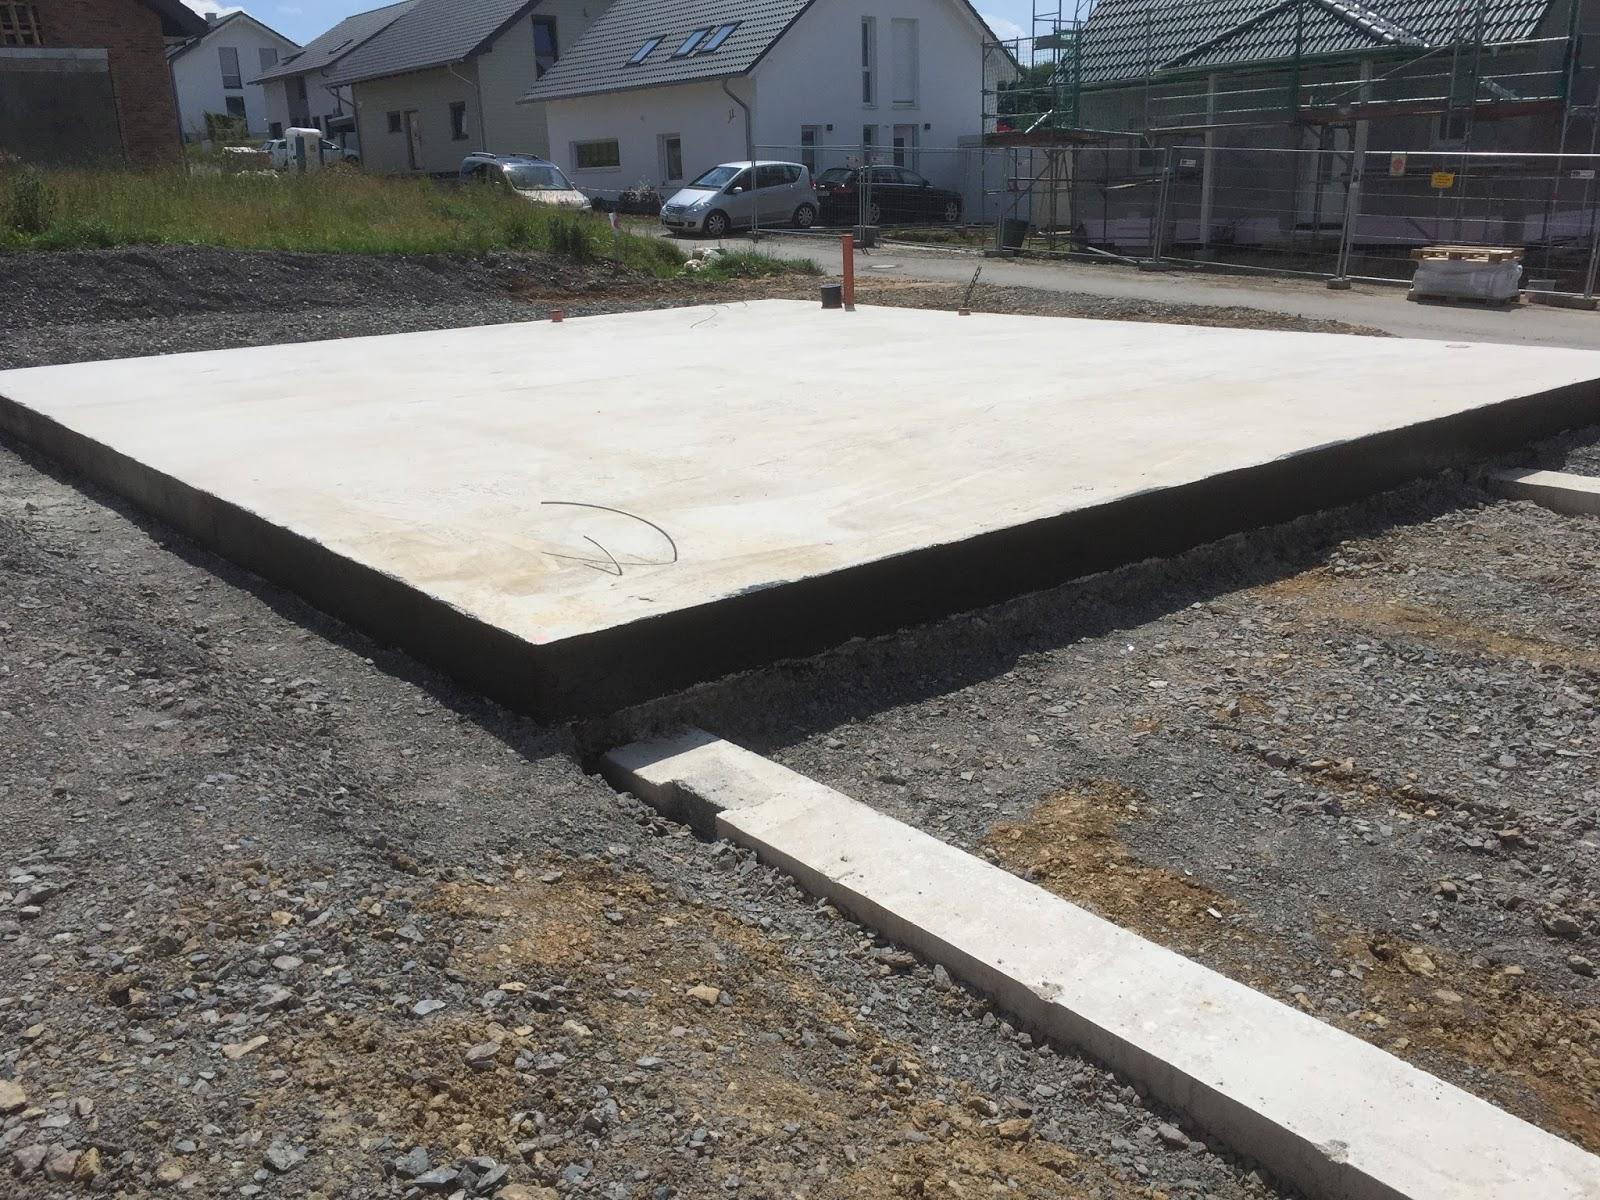 Gut bekannt Wir bauen ein Haus :-): Bitumenvoranstrich Bodenplatte QA62